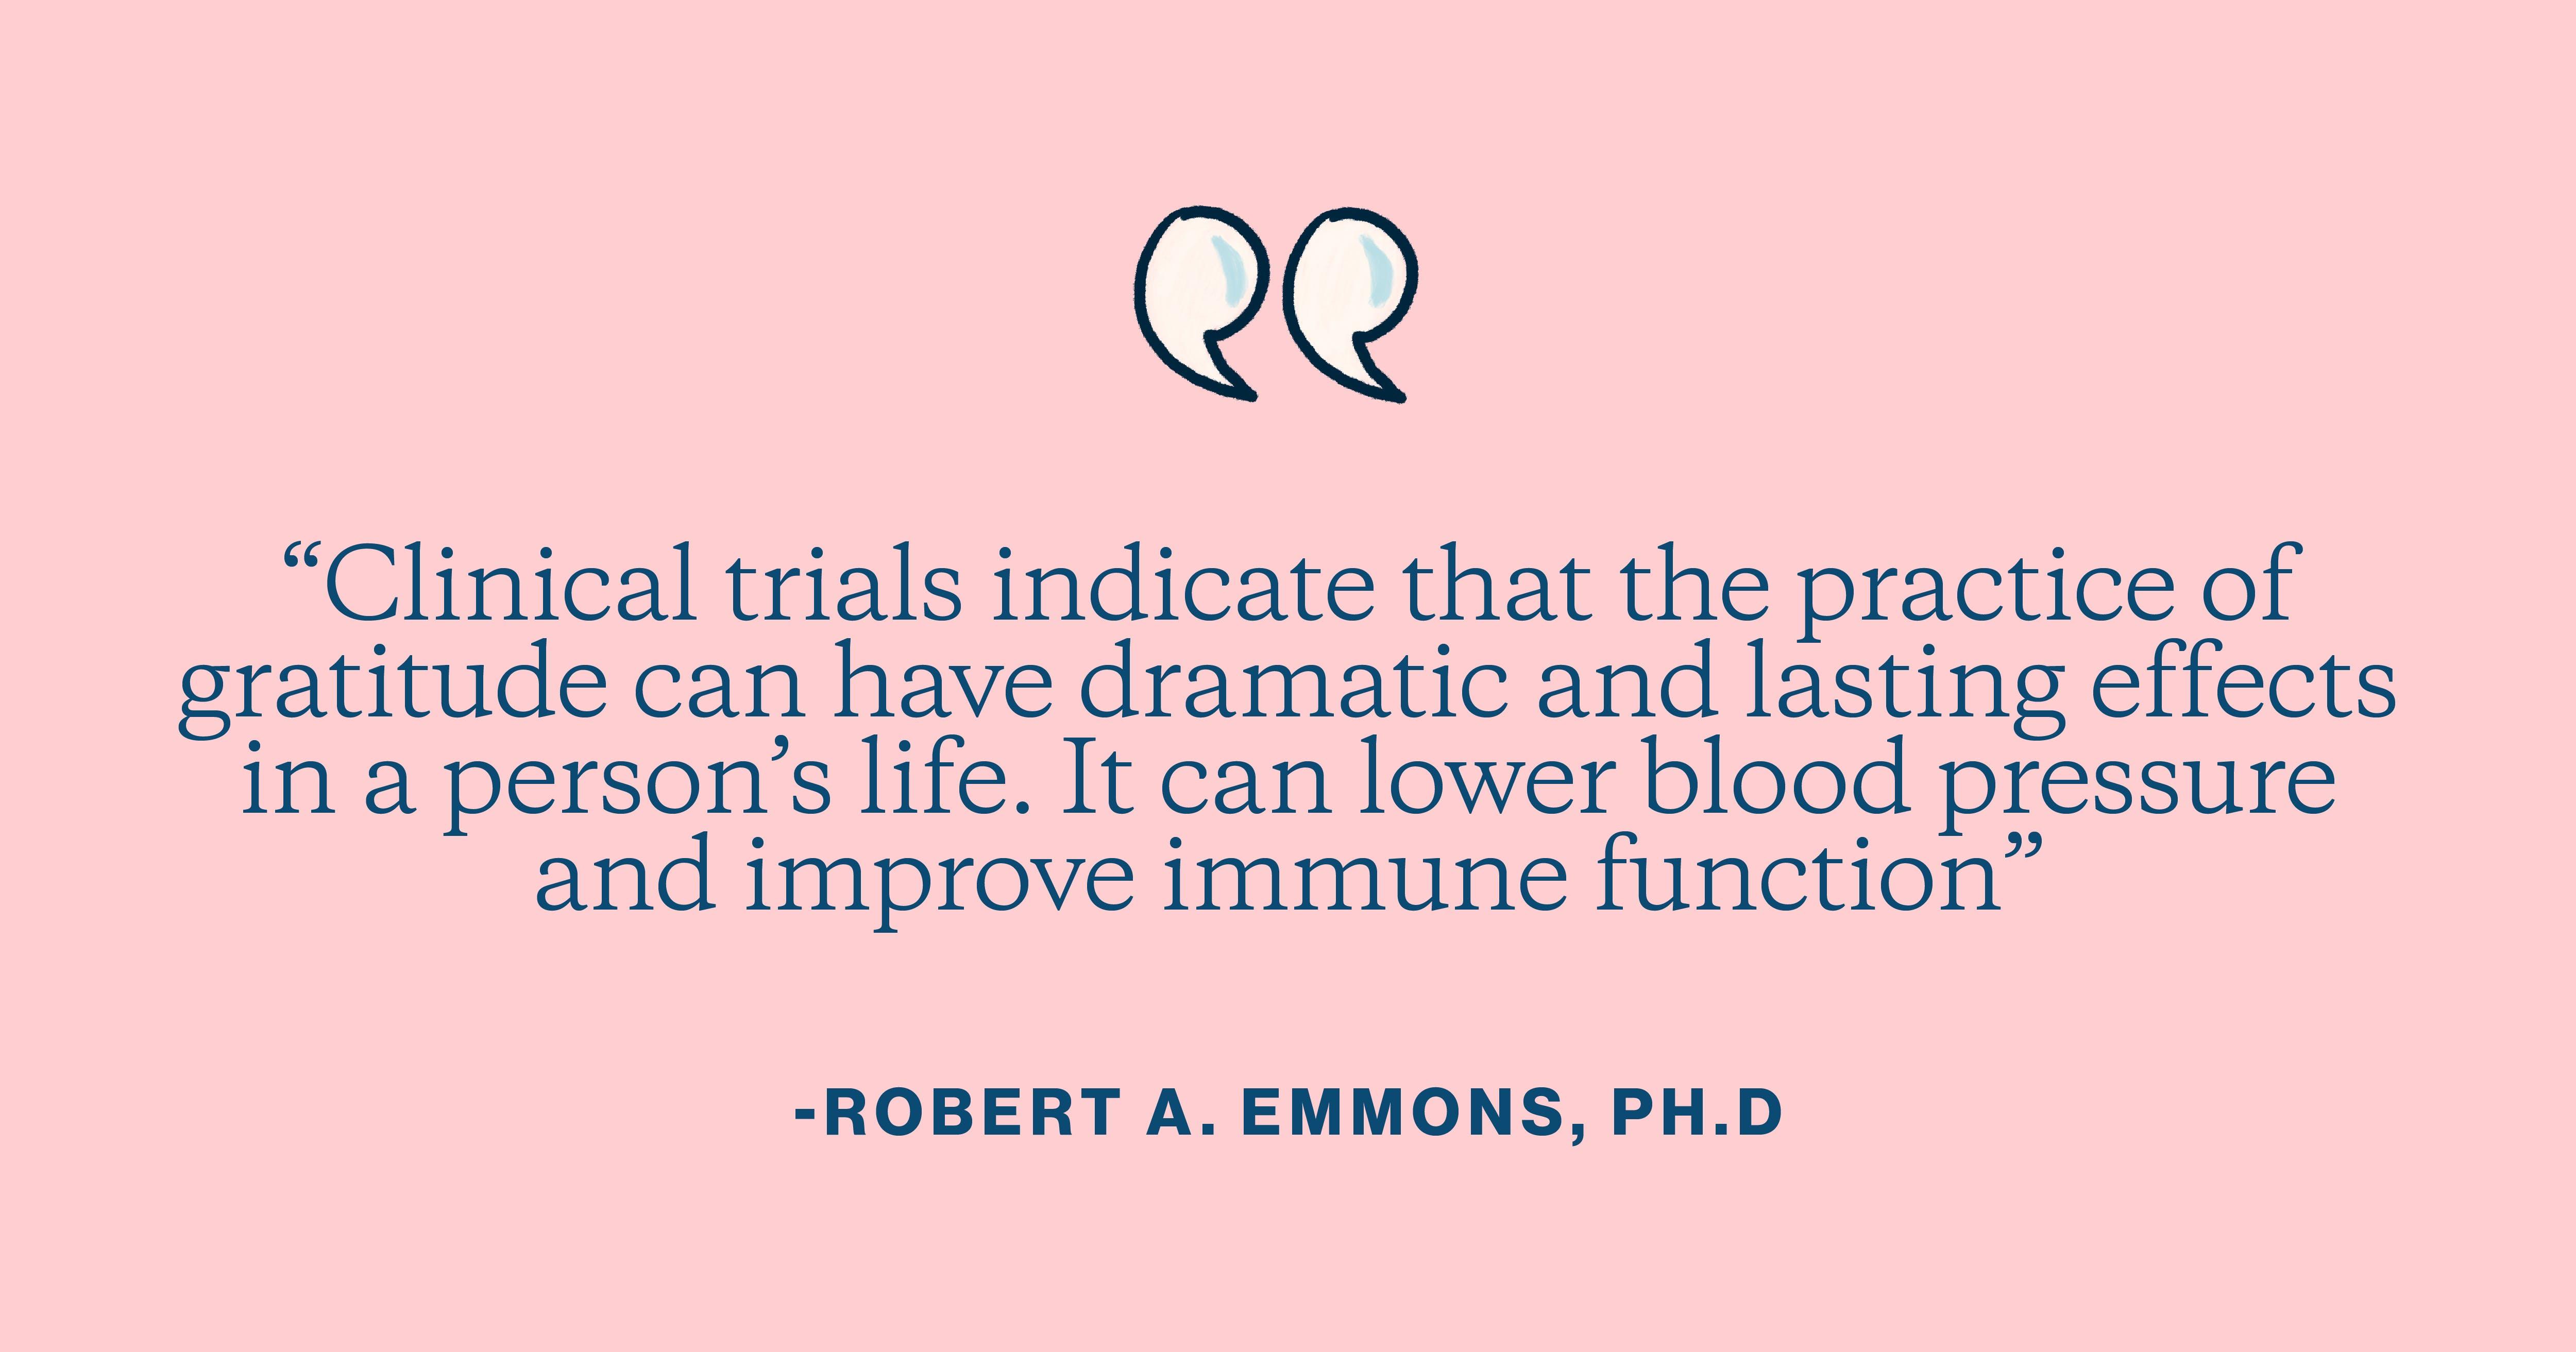 Robert A Emmons, PH.D.